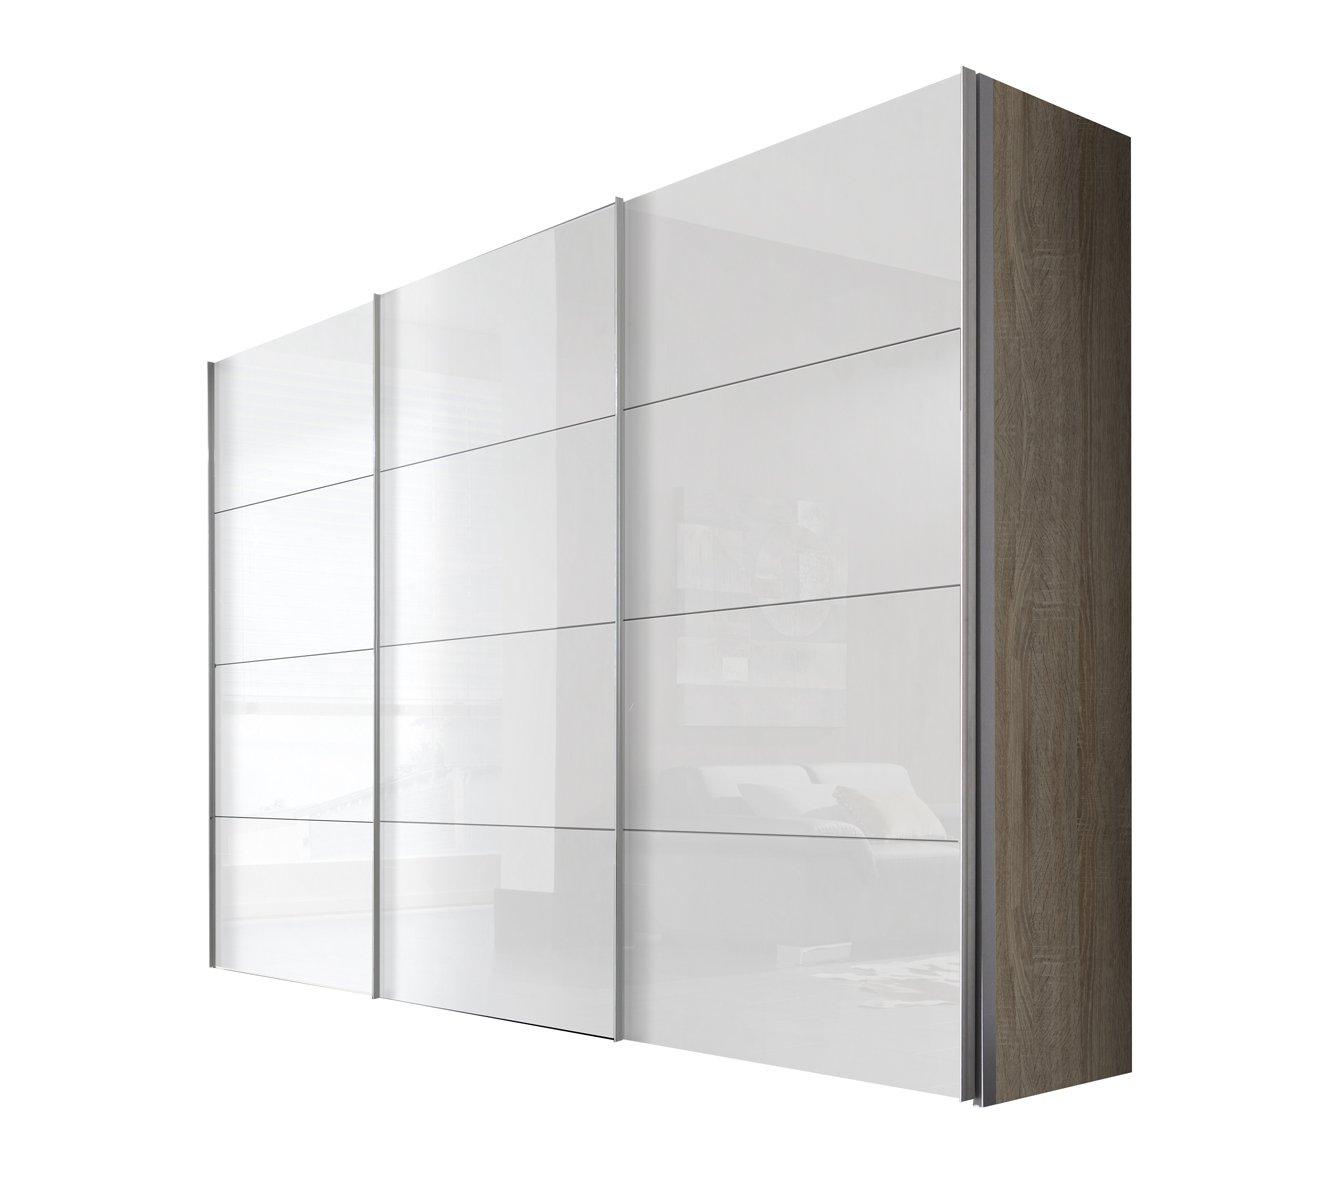 Solutions 49640-768 Schwebetürenschrank 3-türig, Korpus Sonoma-eiche, Front lack weiß, Griffleisten alufarben, 68 x 300 x 216 cm